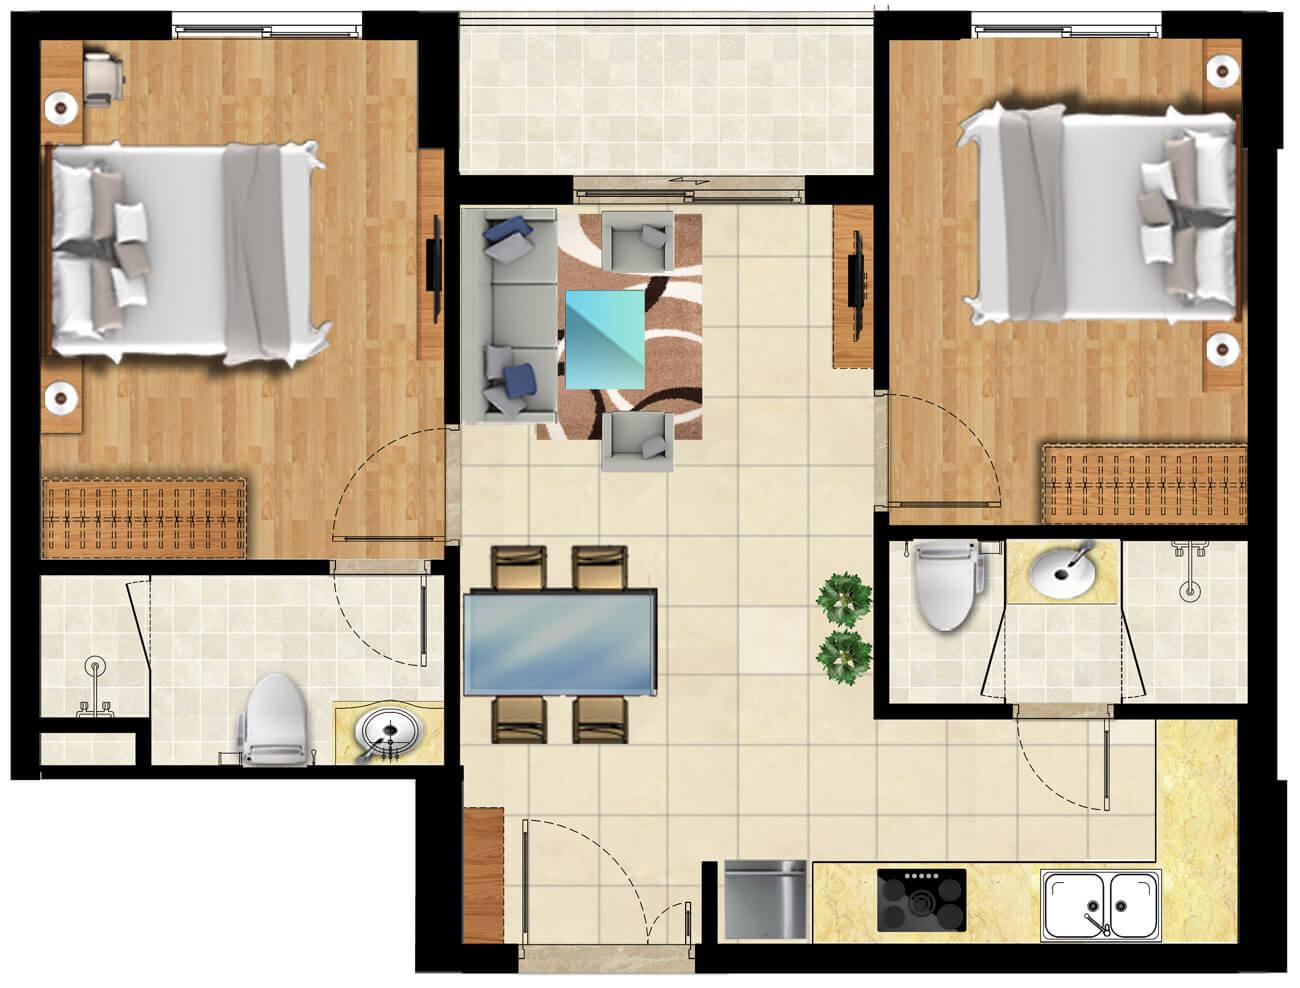 Mẫu căn hộ S-Home Bình Chiểu lô H